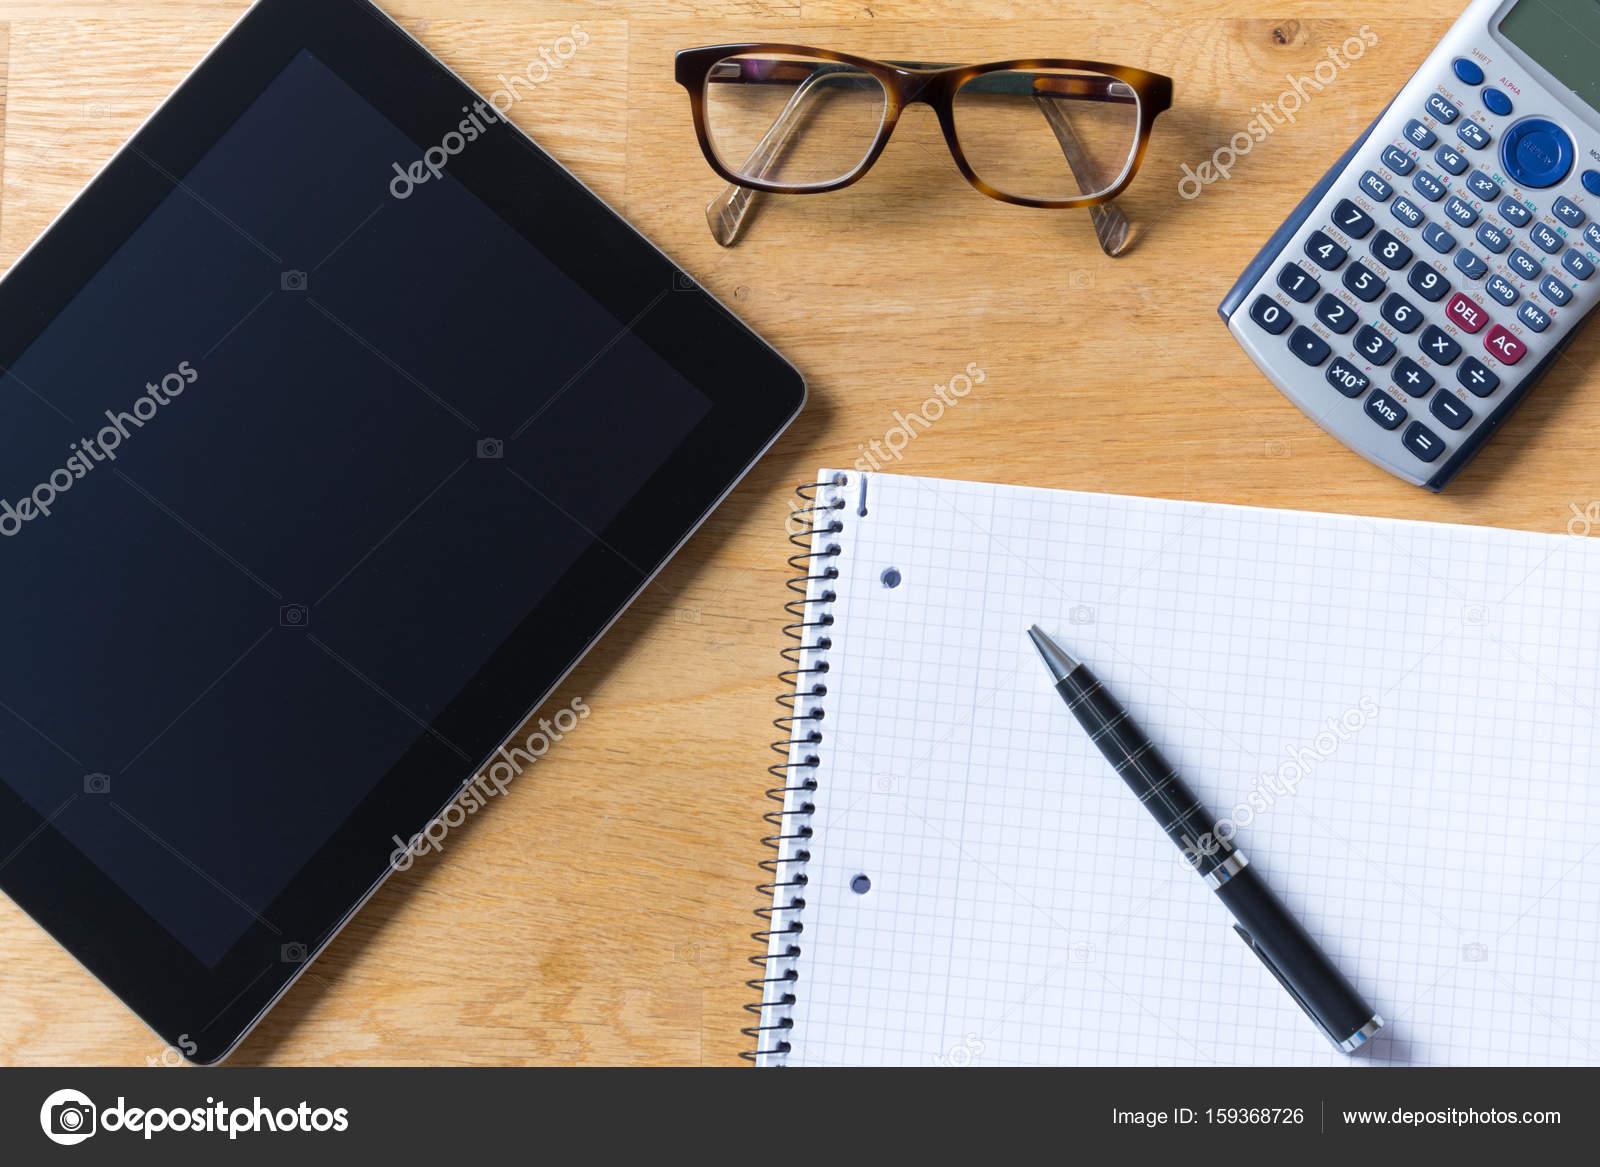 Bureau avec tablette verres calculatrice et bloc notes sur bois